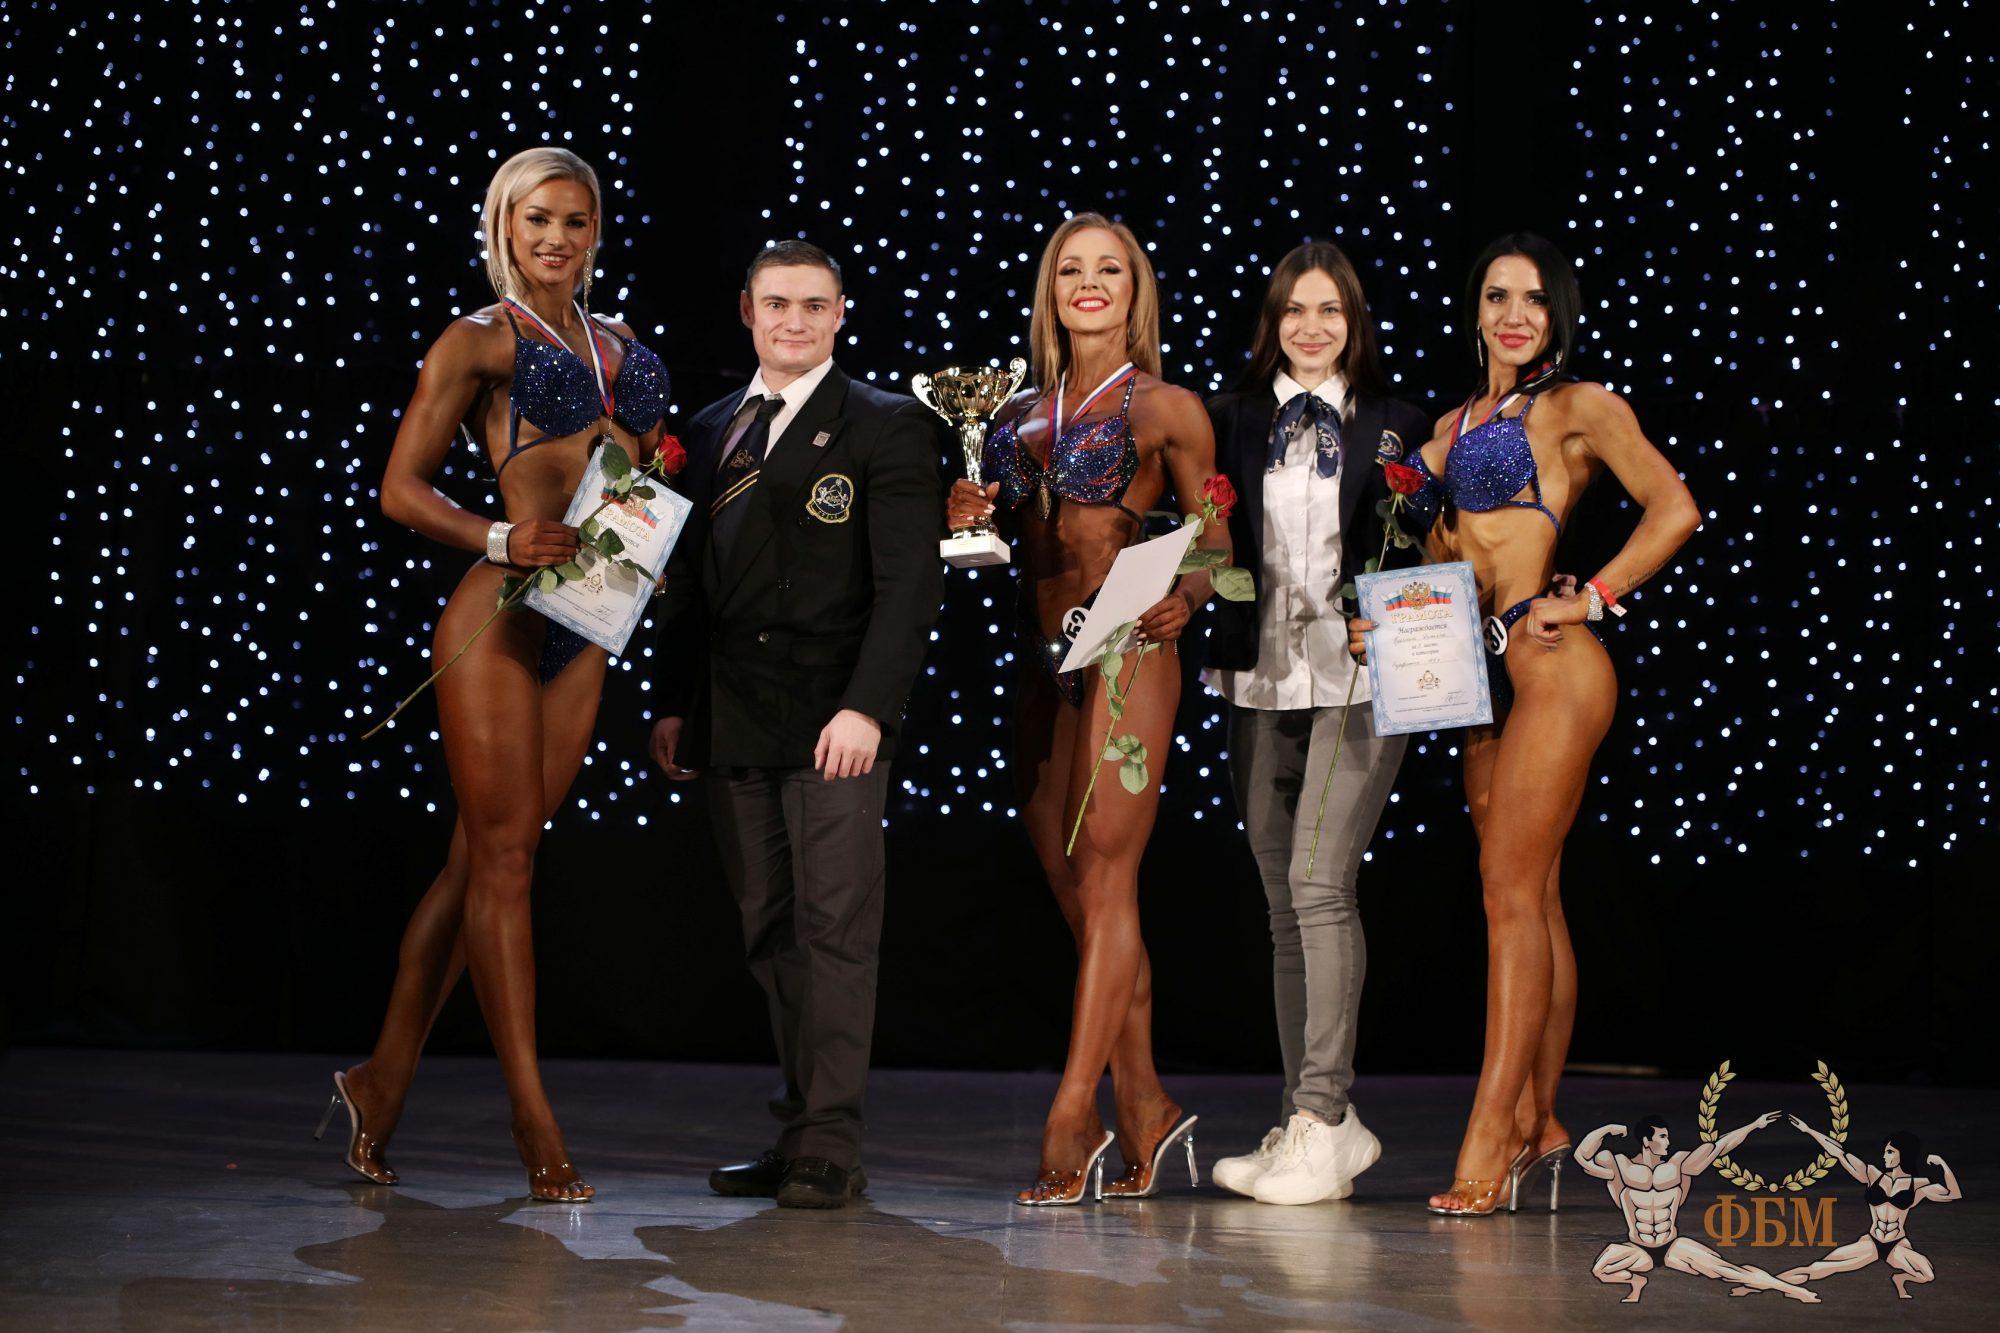 Результаты Кубока Рязанской области по бодибилдингу и фитнес-бикини 2019